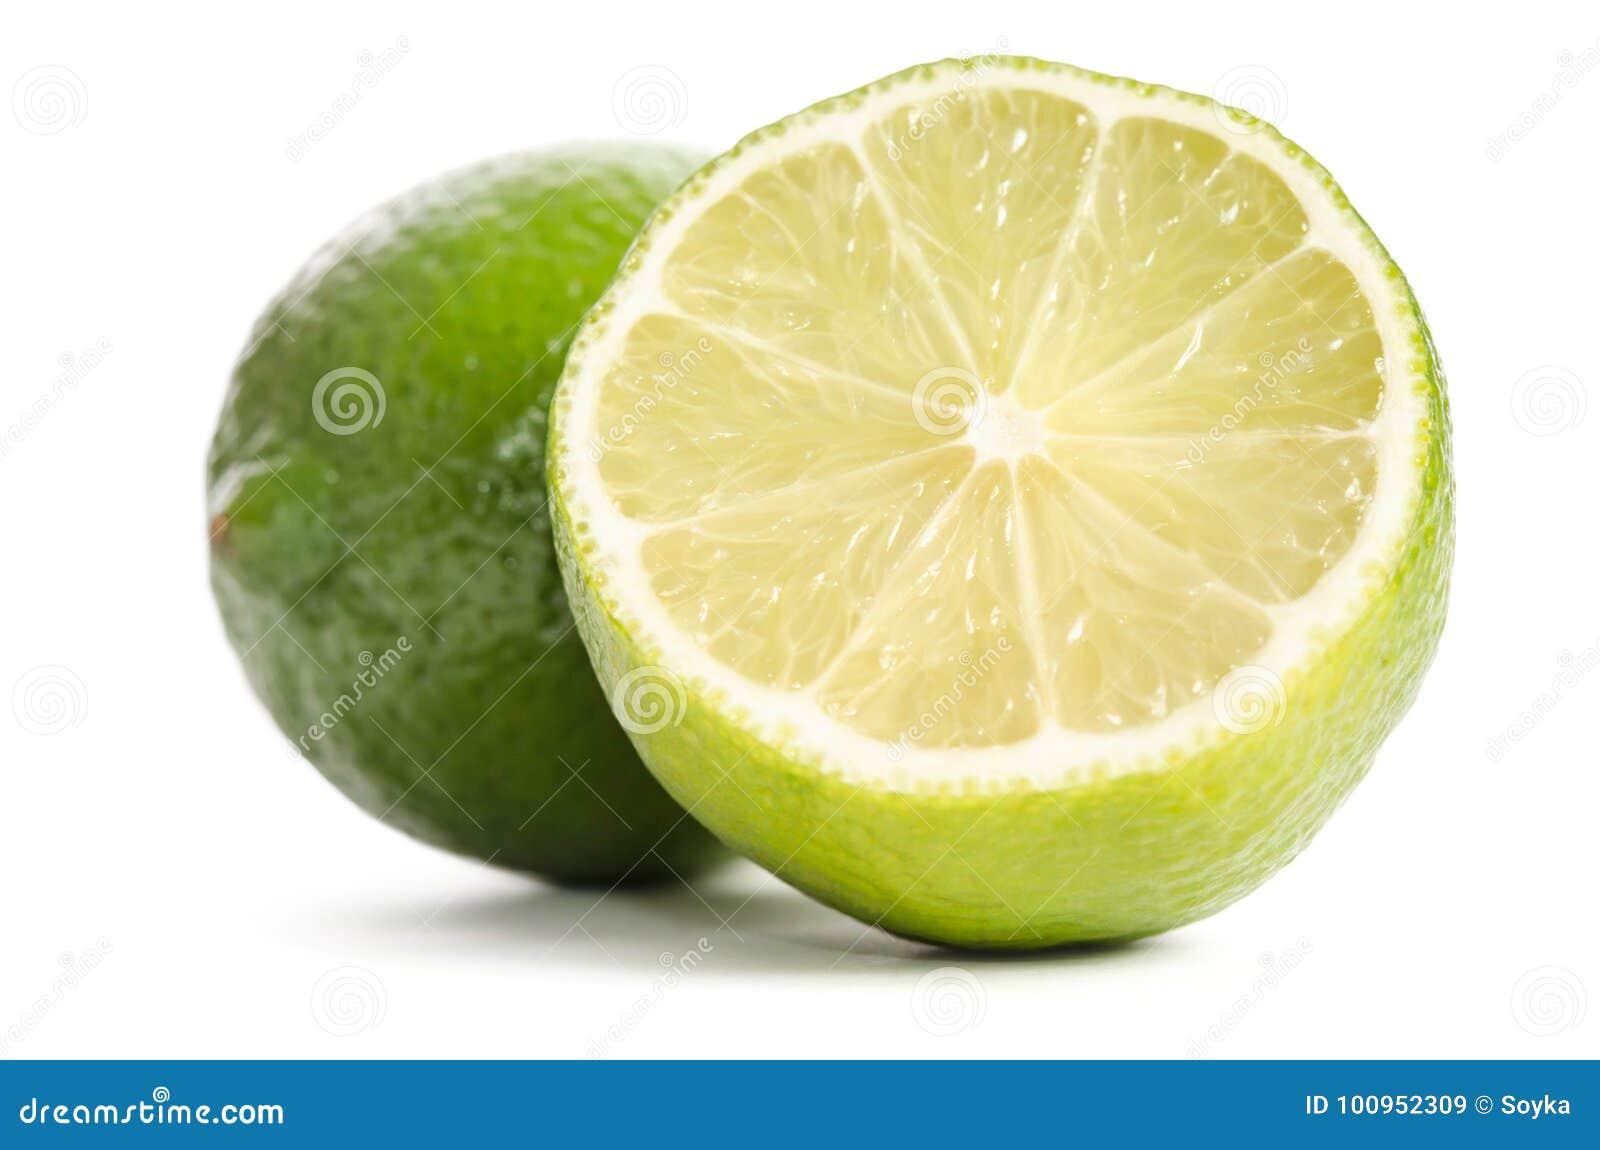 Lime and half of lime